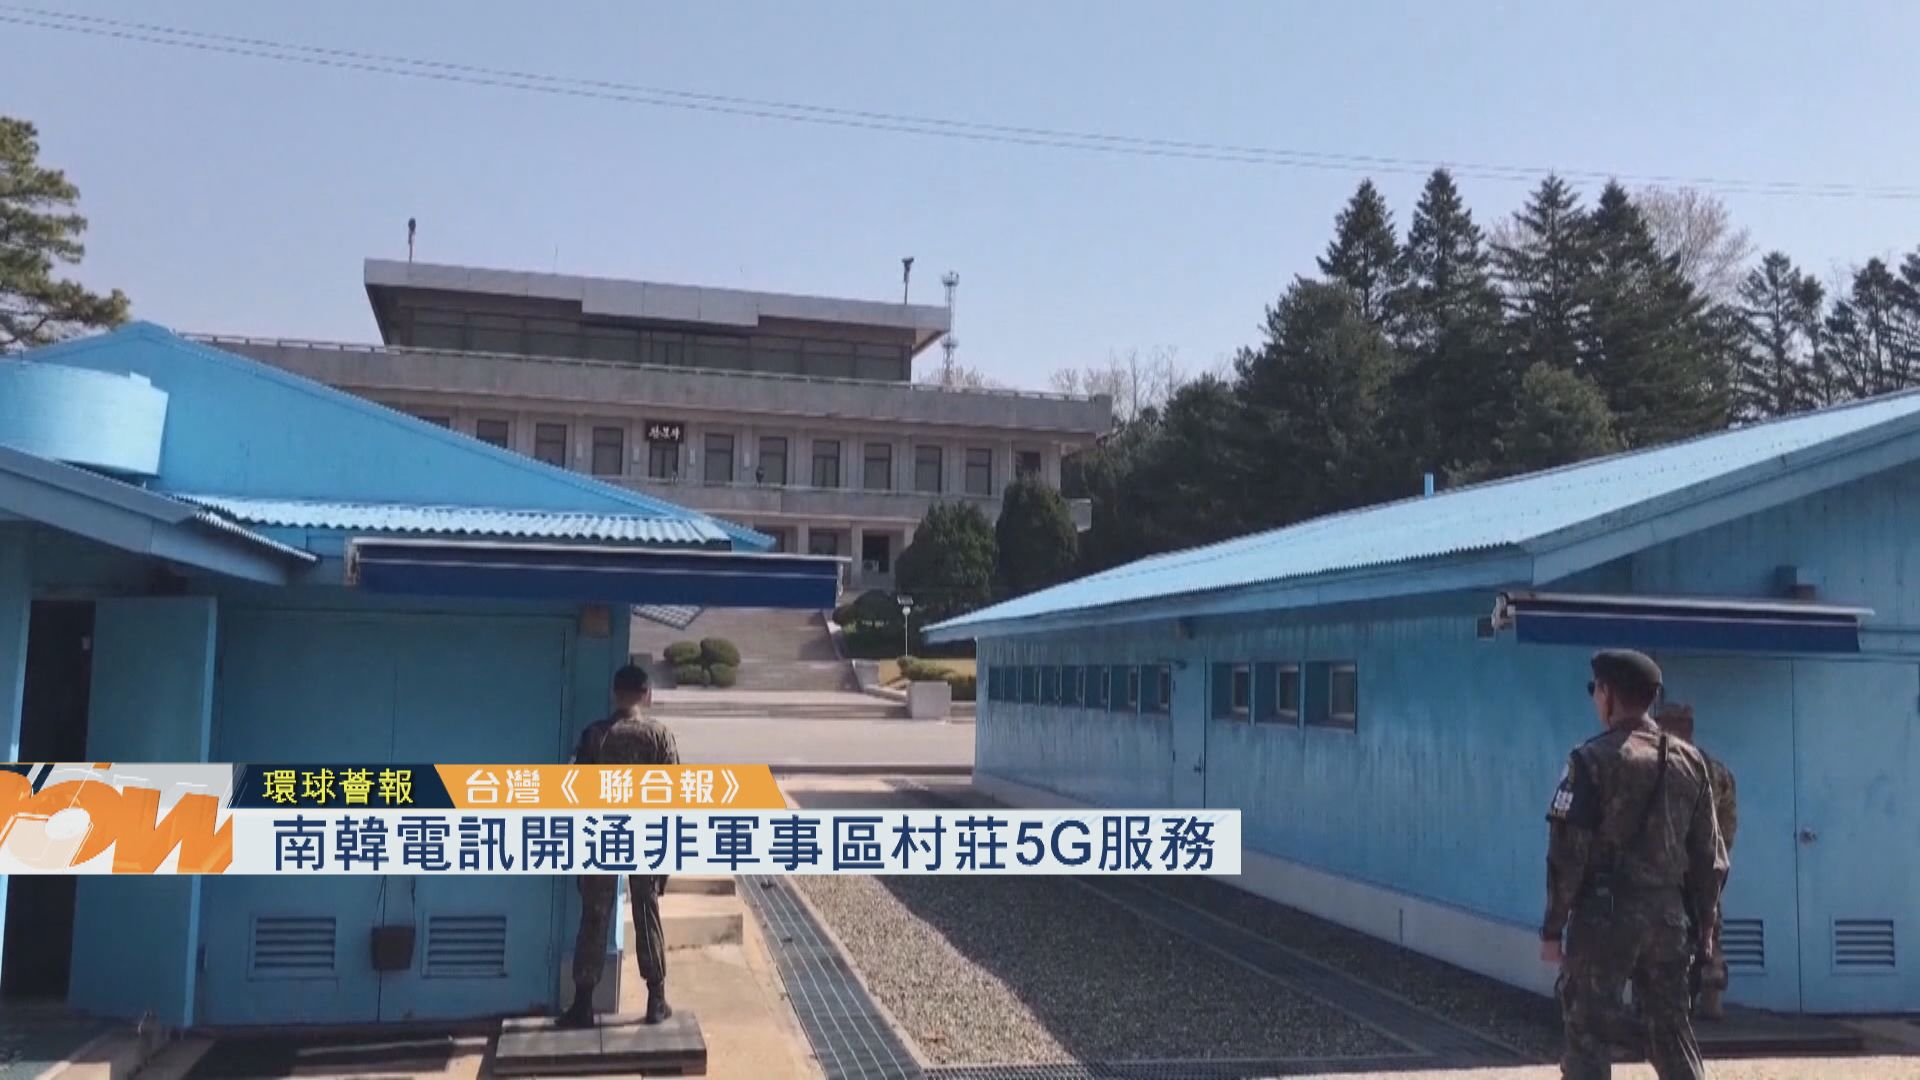 【環球薈報】南韓電訊開通非軍事區村莊5G服務